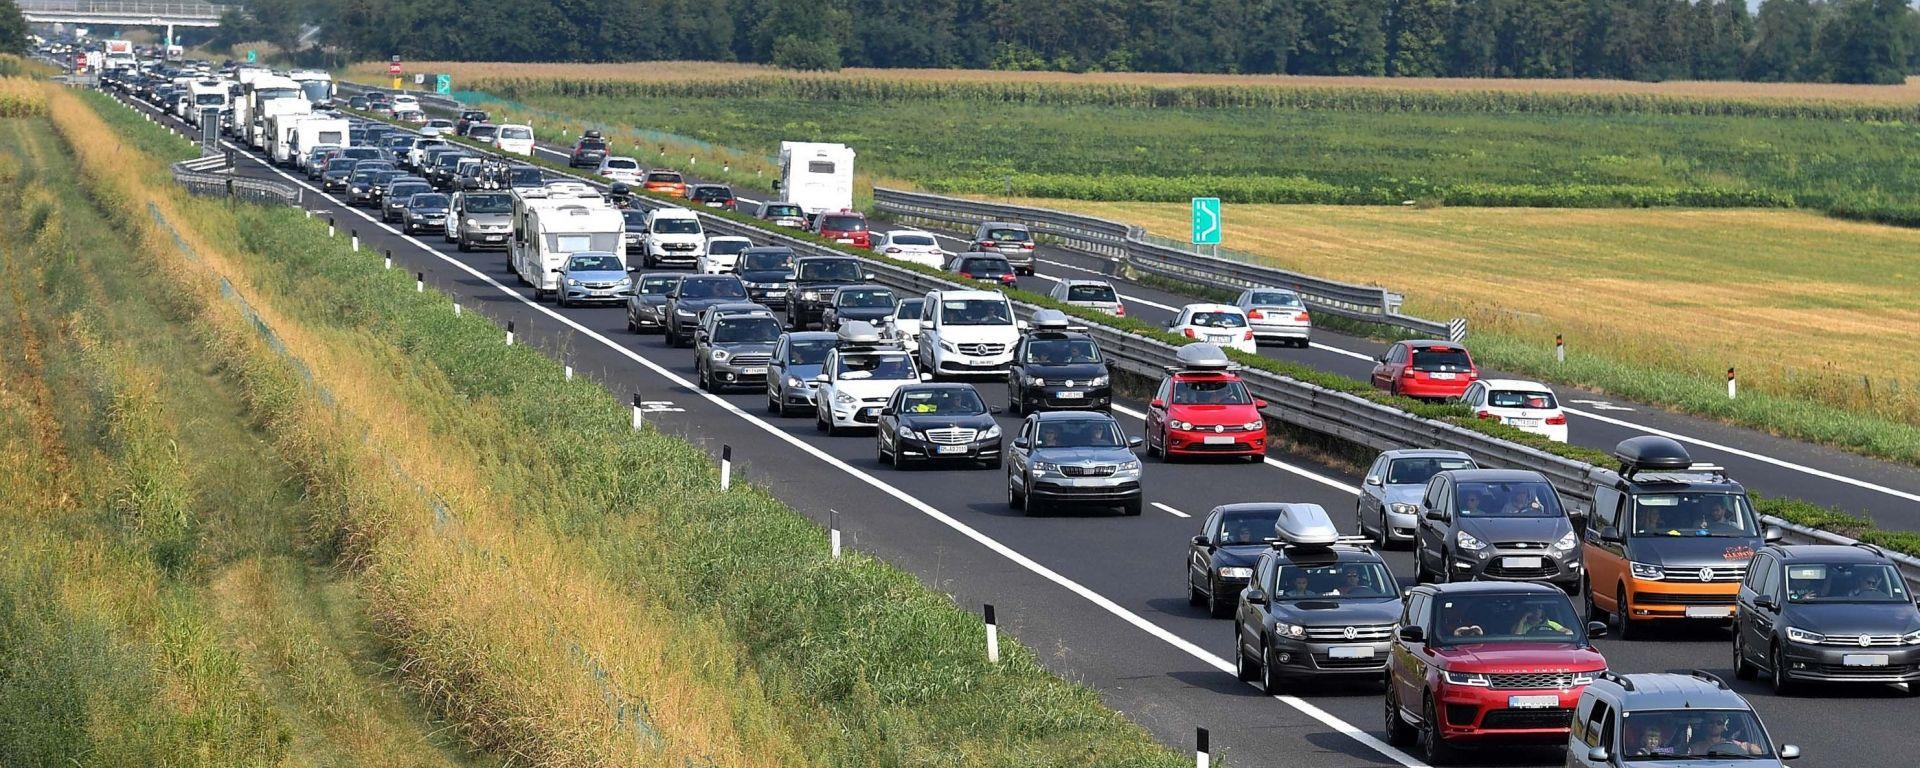 Ultimo weekend di agosto, previsto traffico molto intenso